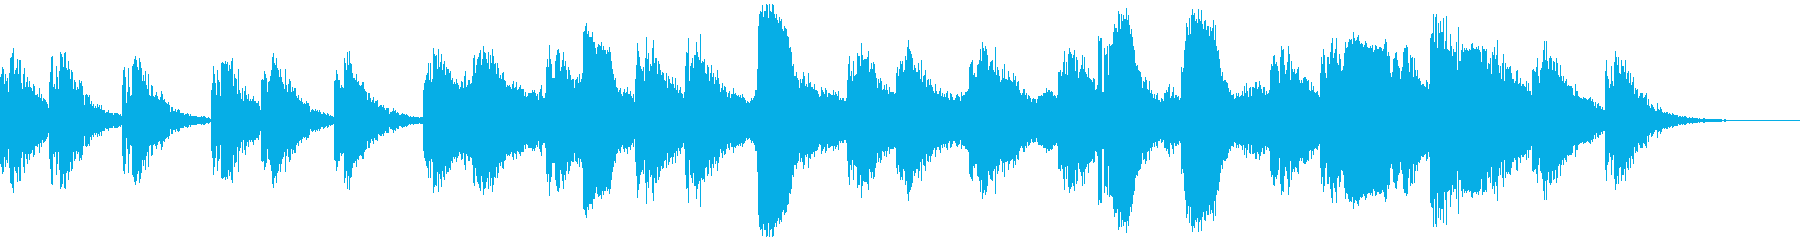 星空エレクトロニカの再生済みの波形